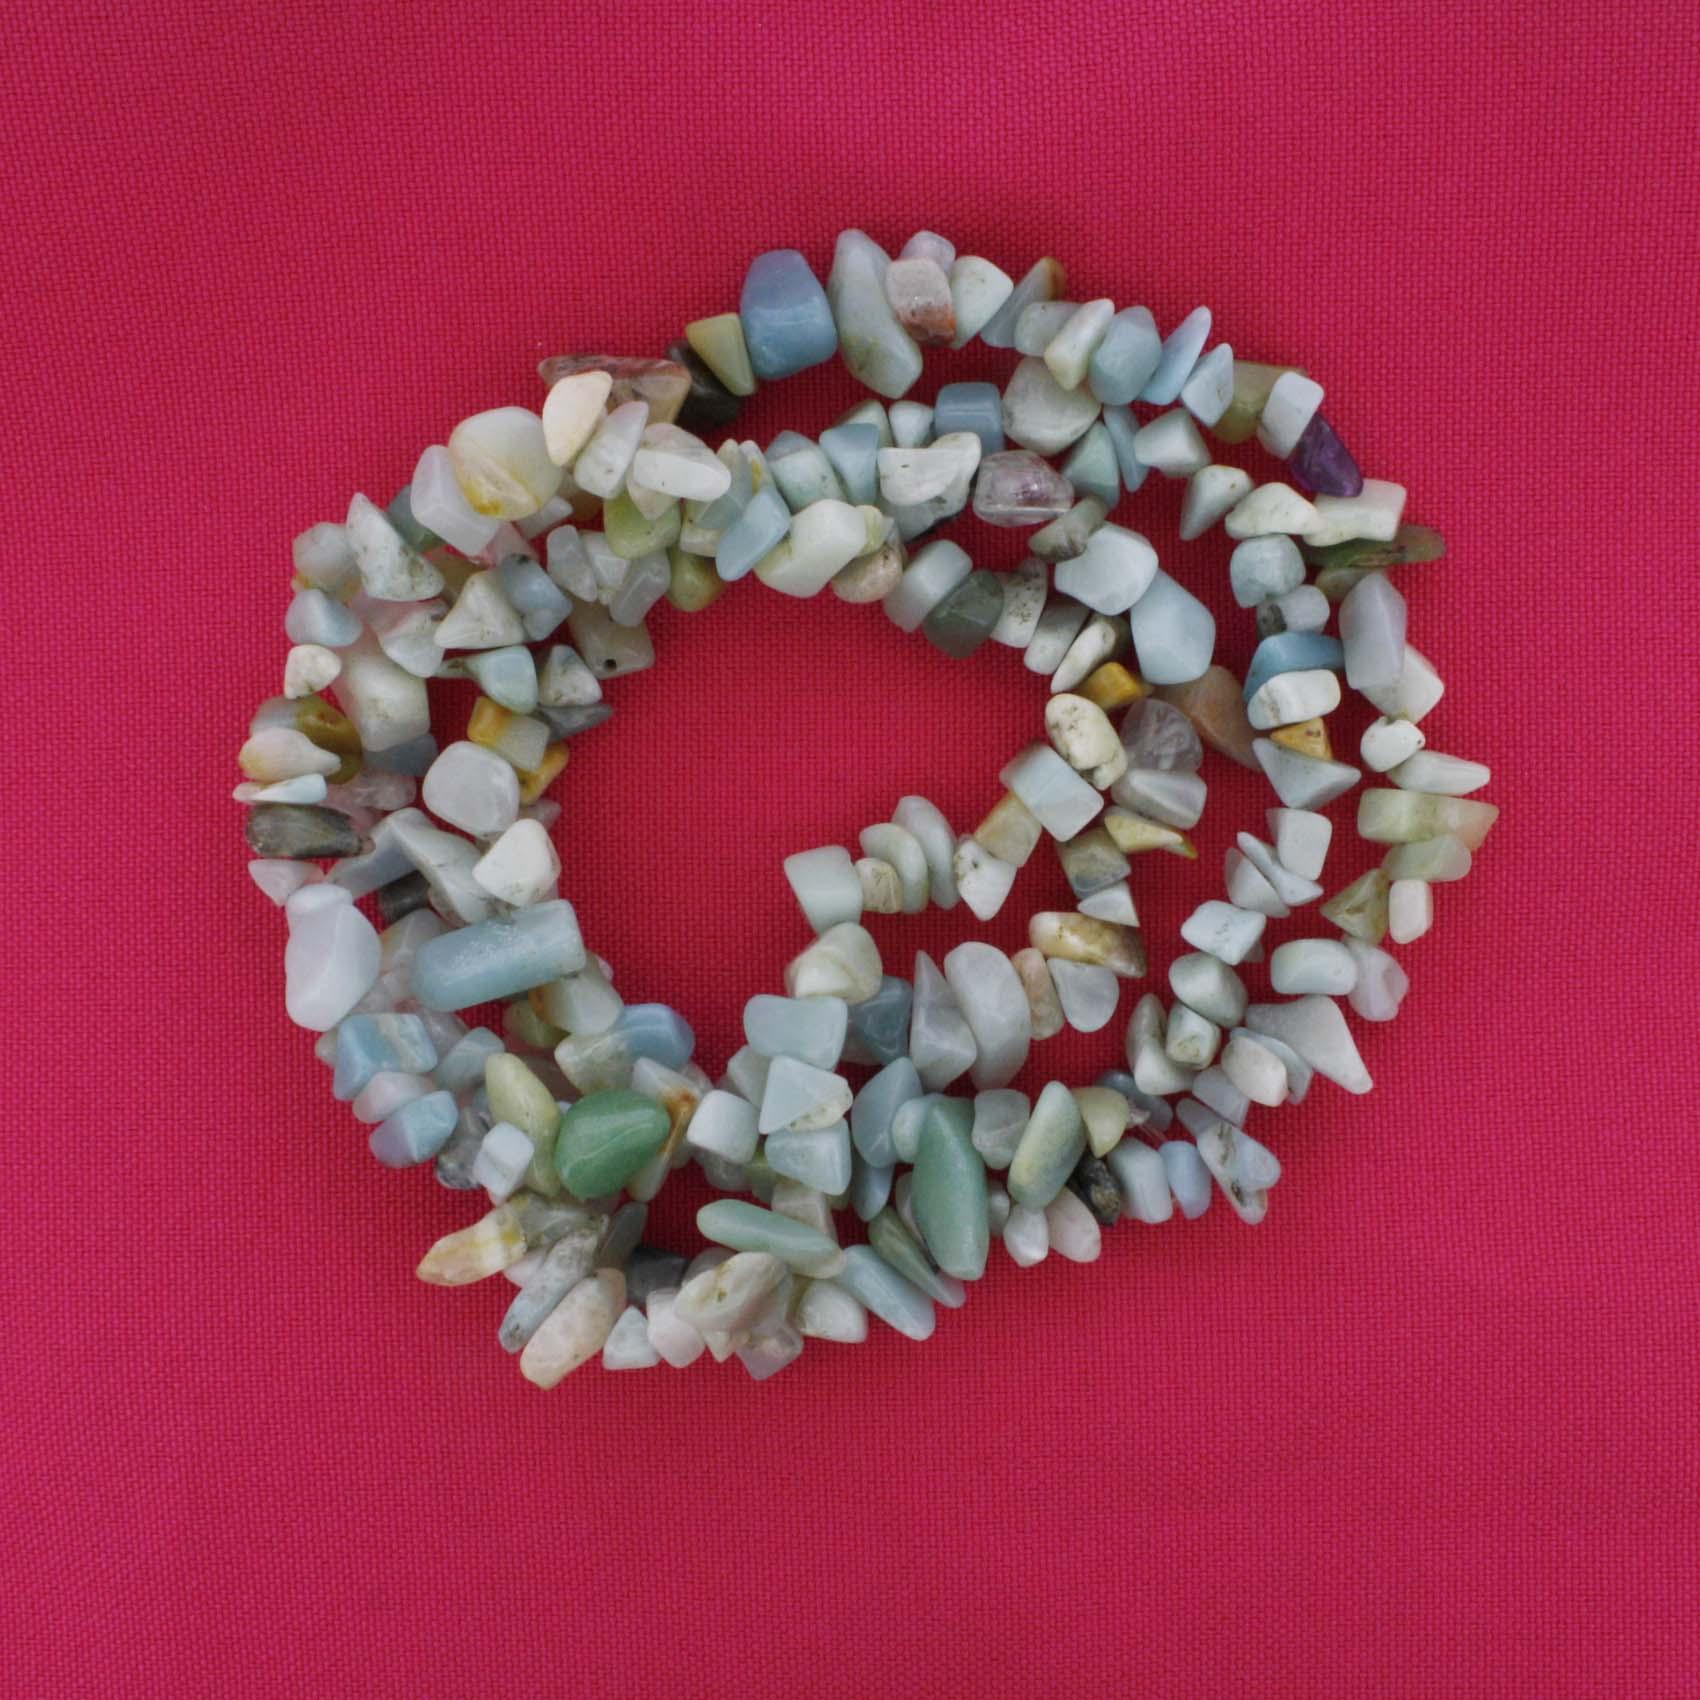 Fio de Cascalho - Stone® - Amazonita  - Stéphanie Bijoux® - Peças para Bijuterias e Artesanato